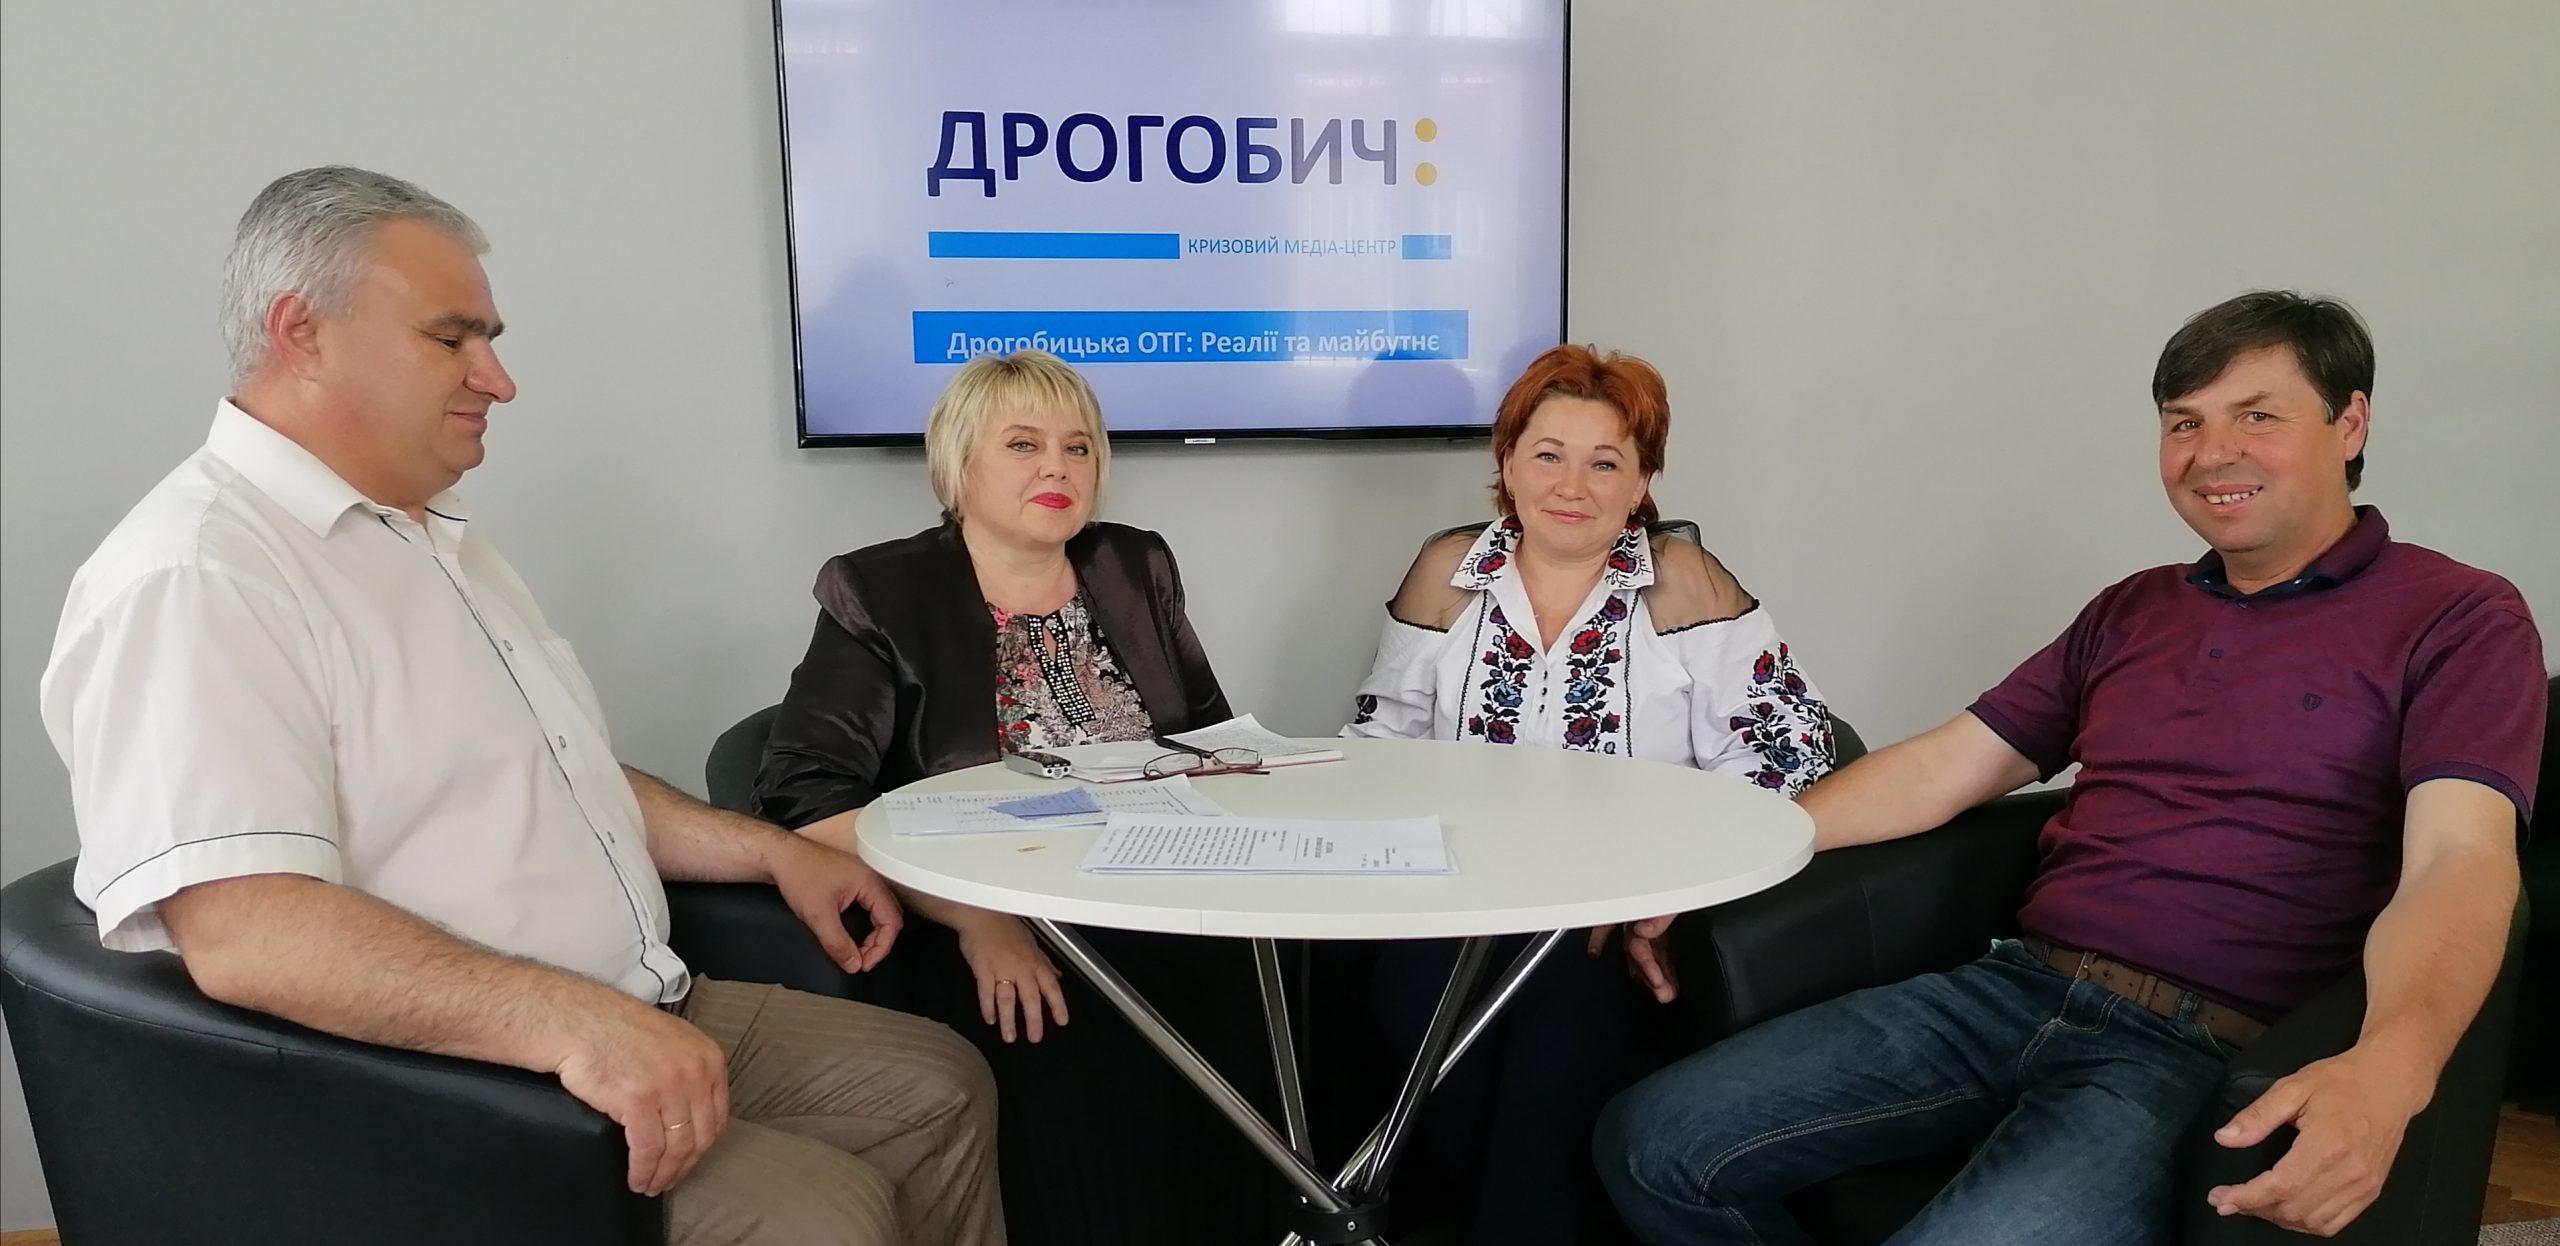 """КМЦ """"Дрогобич:"""": Дрогобицька ОТГ: реалії та майбутнє"""